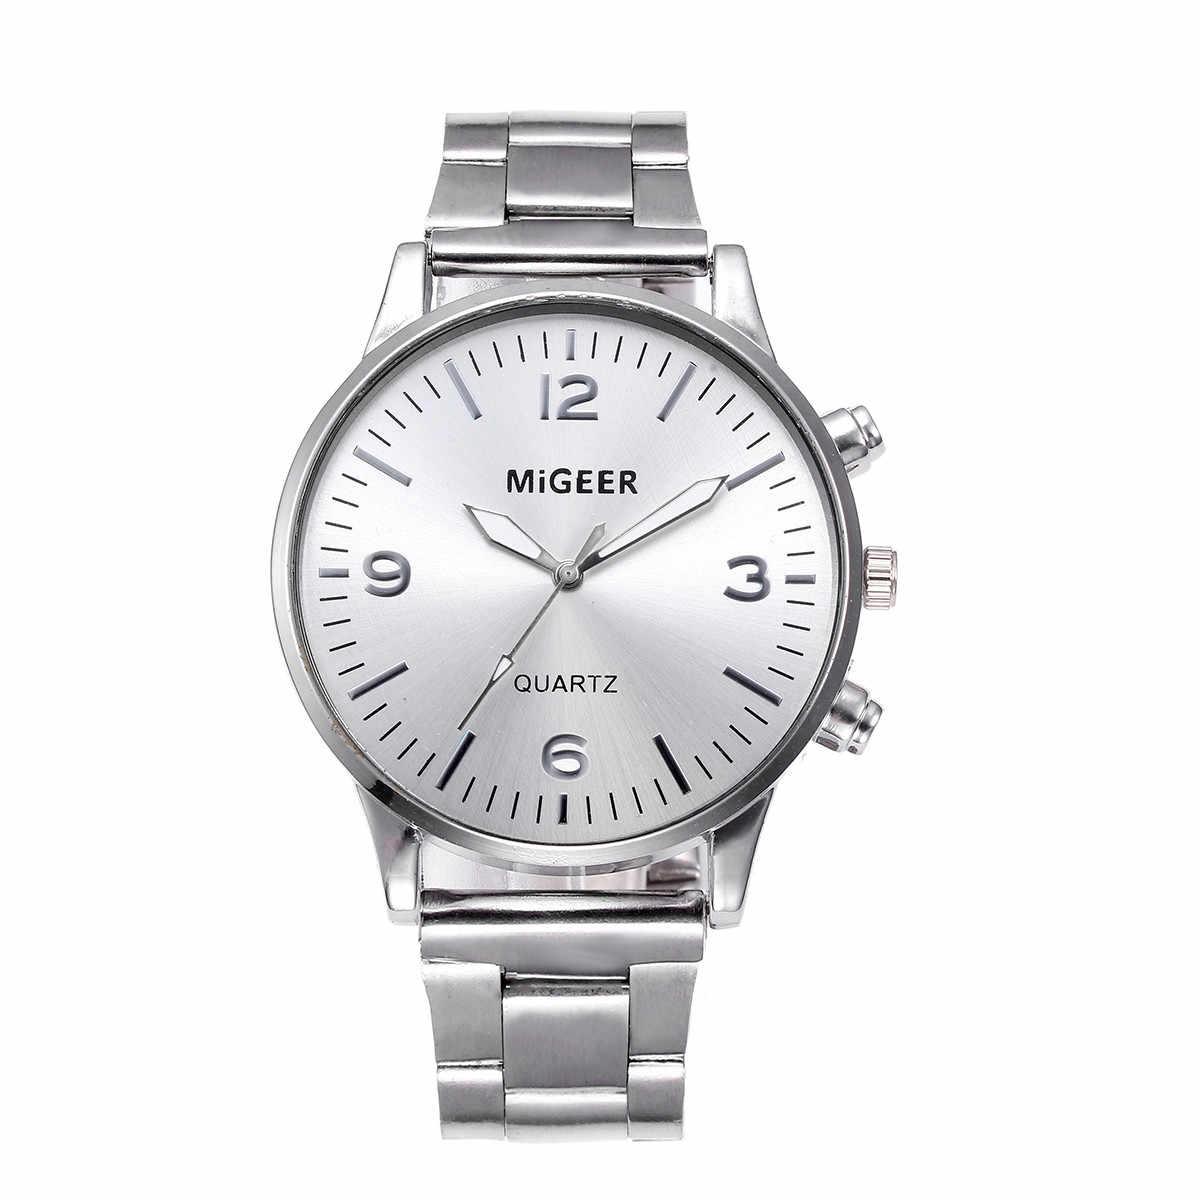 GEMIXI ออกแบบใหม่แฟชั่นแฟชั่นผู้ชายคริสตัลสแตนเลสสตีลนาฬิกาข้อมือควอตซ์สร้อยข้อมือ Sep.26